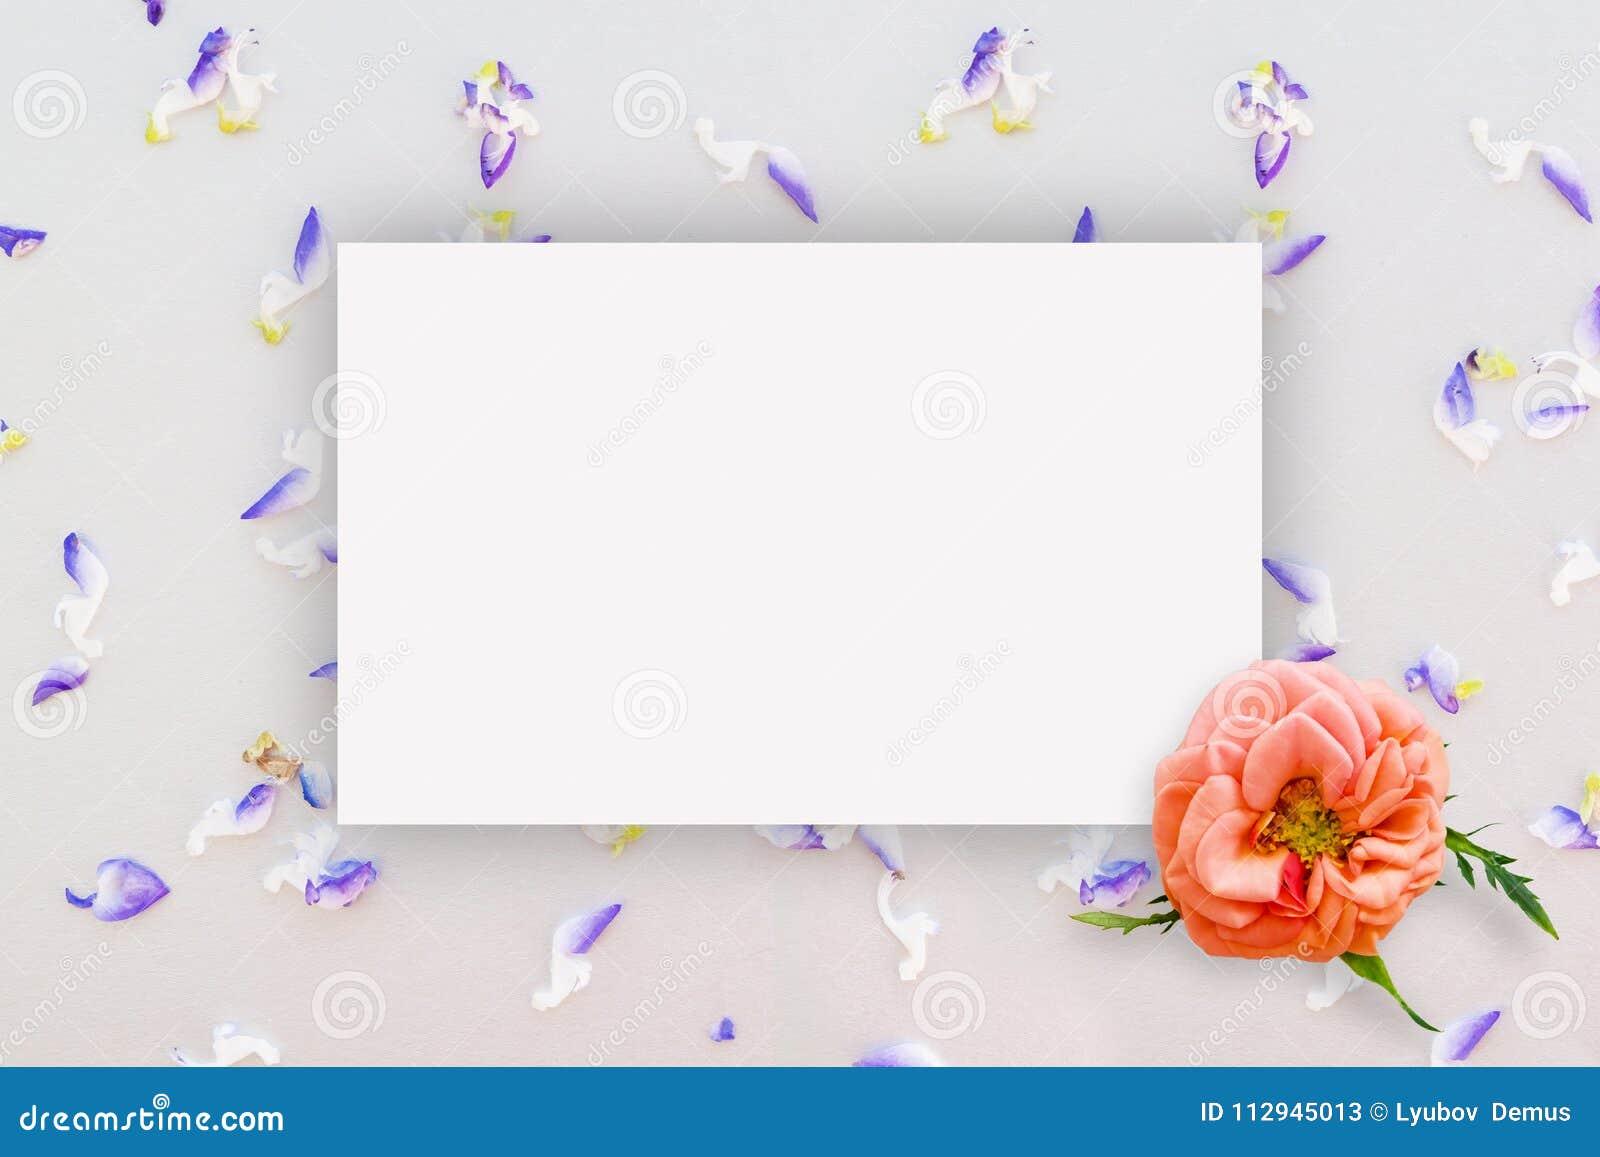 Estampado De Flores Abstracto Pequenas Flores En La Cartulina Con